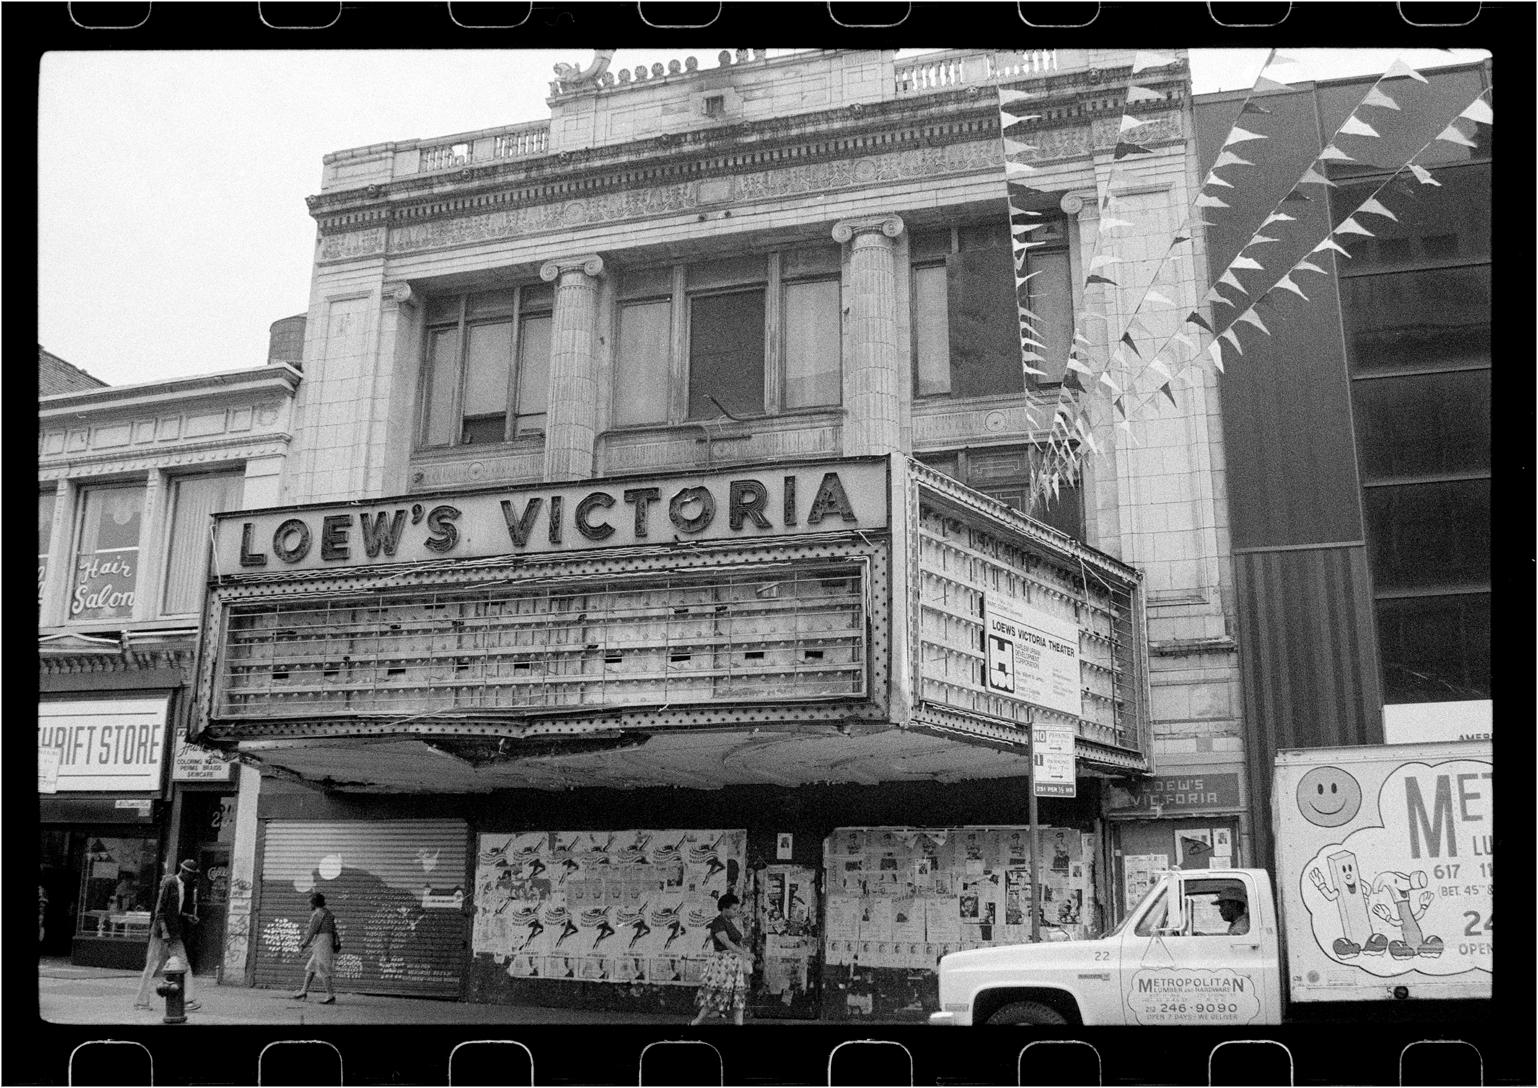 Victoria Theatre, Harlem